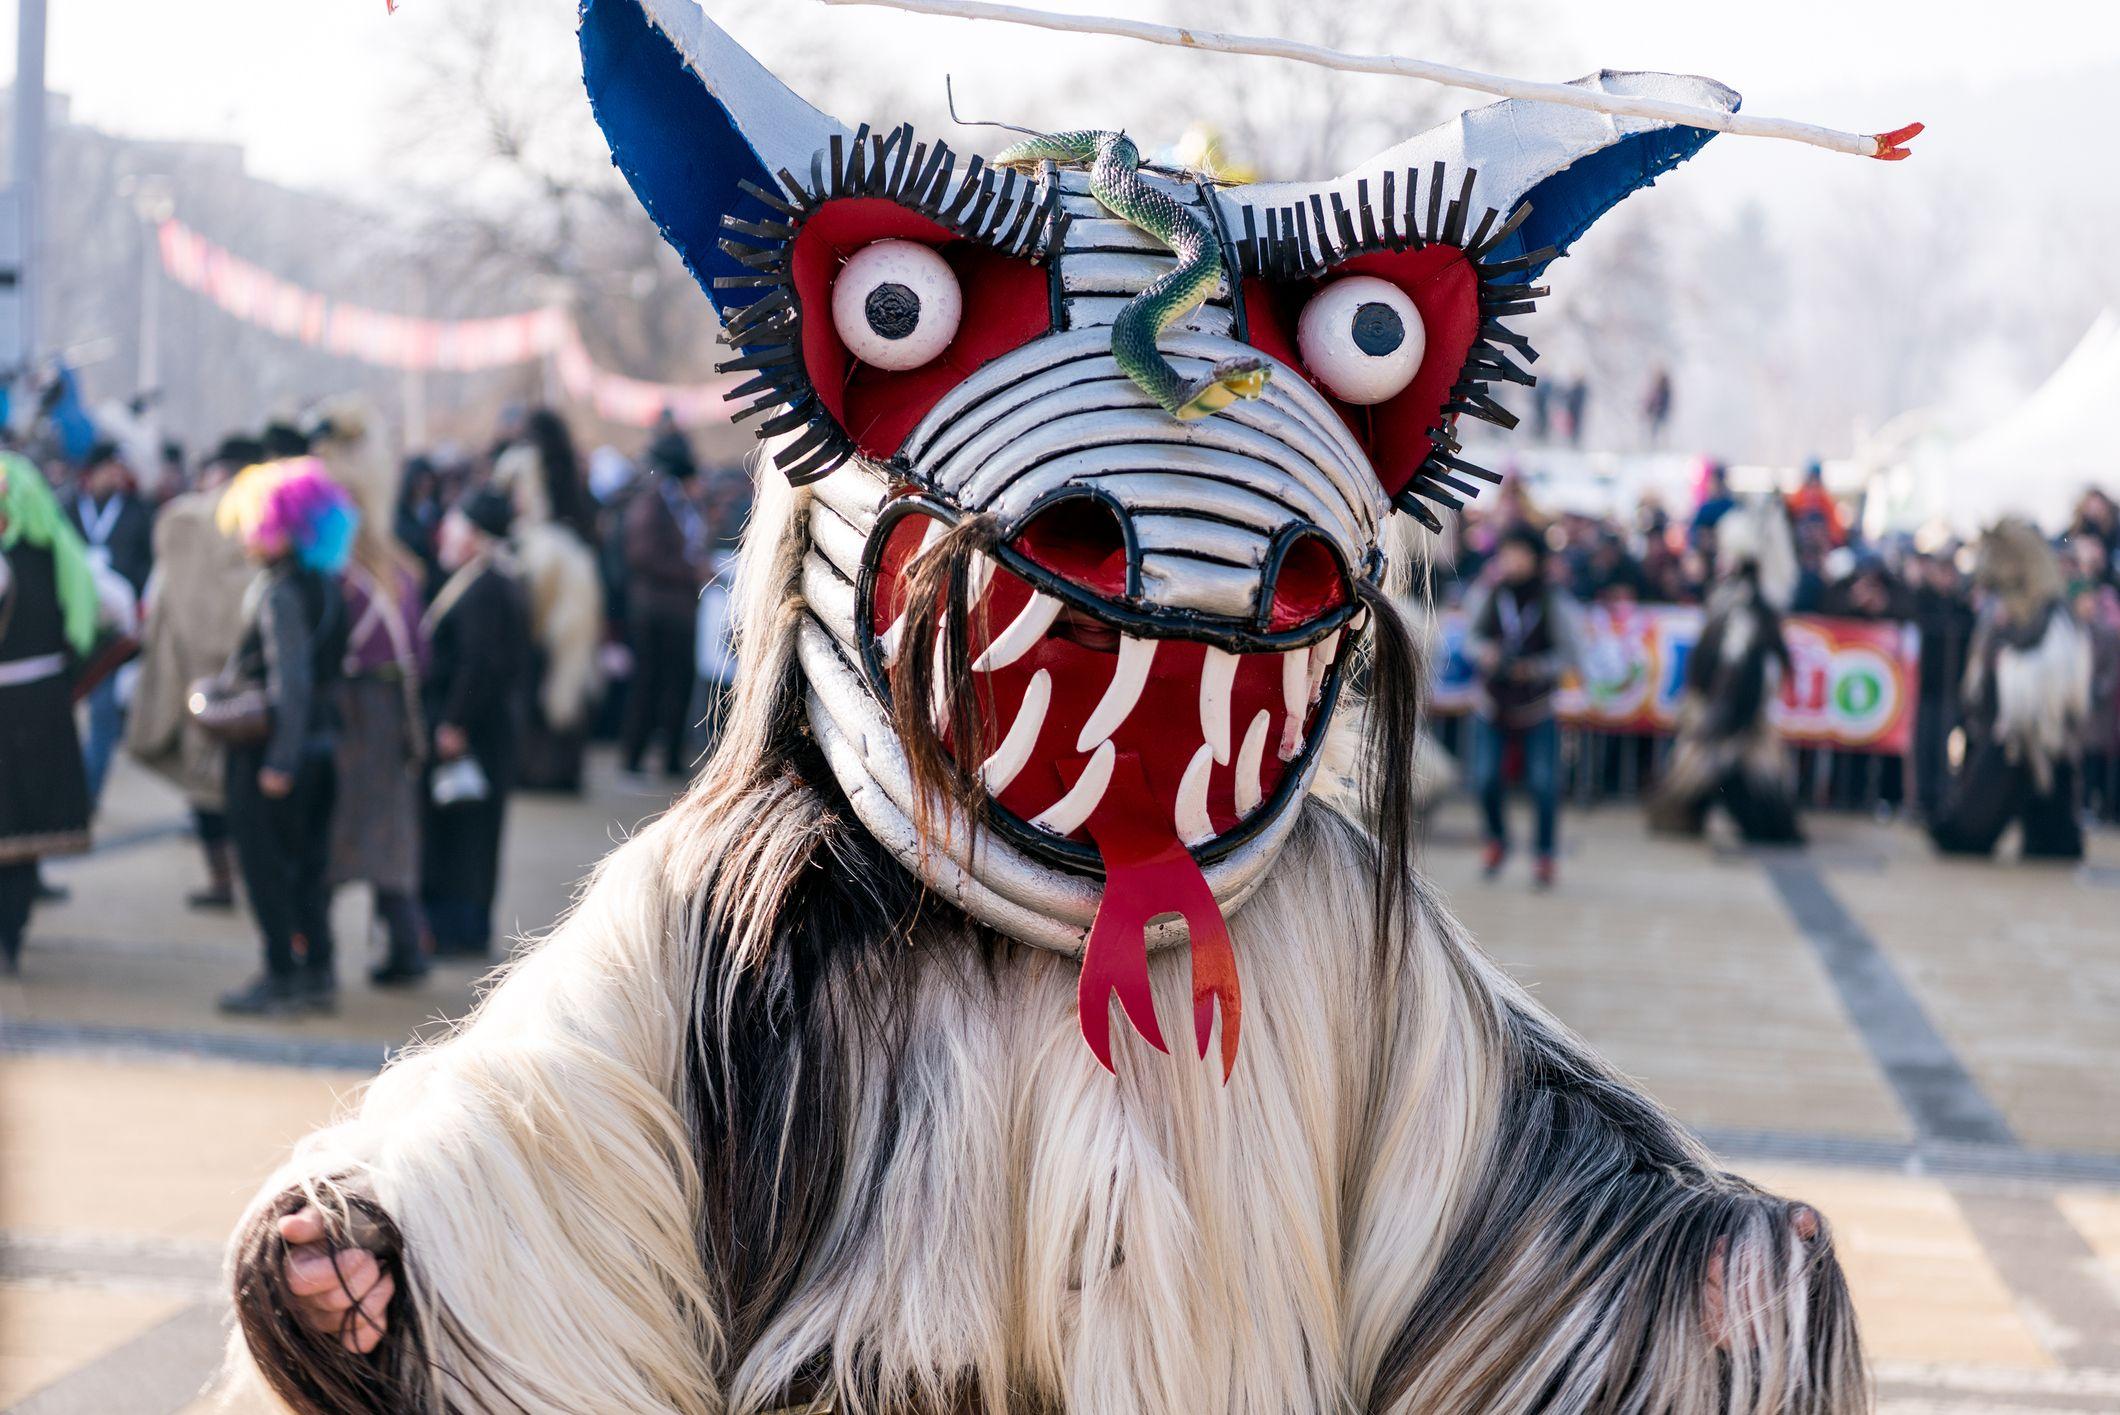 weird festivals